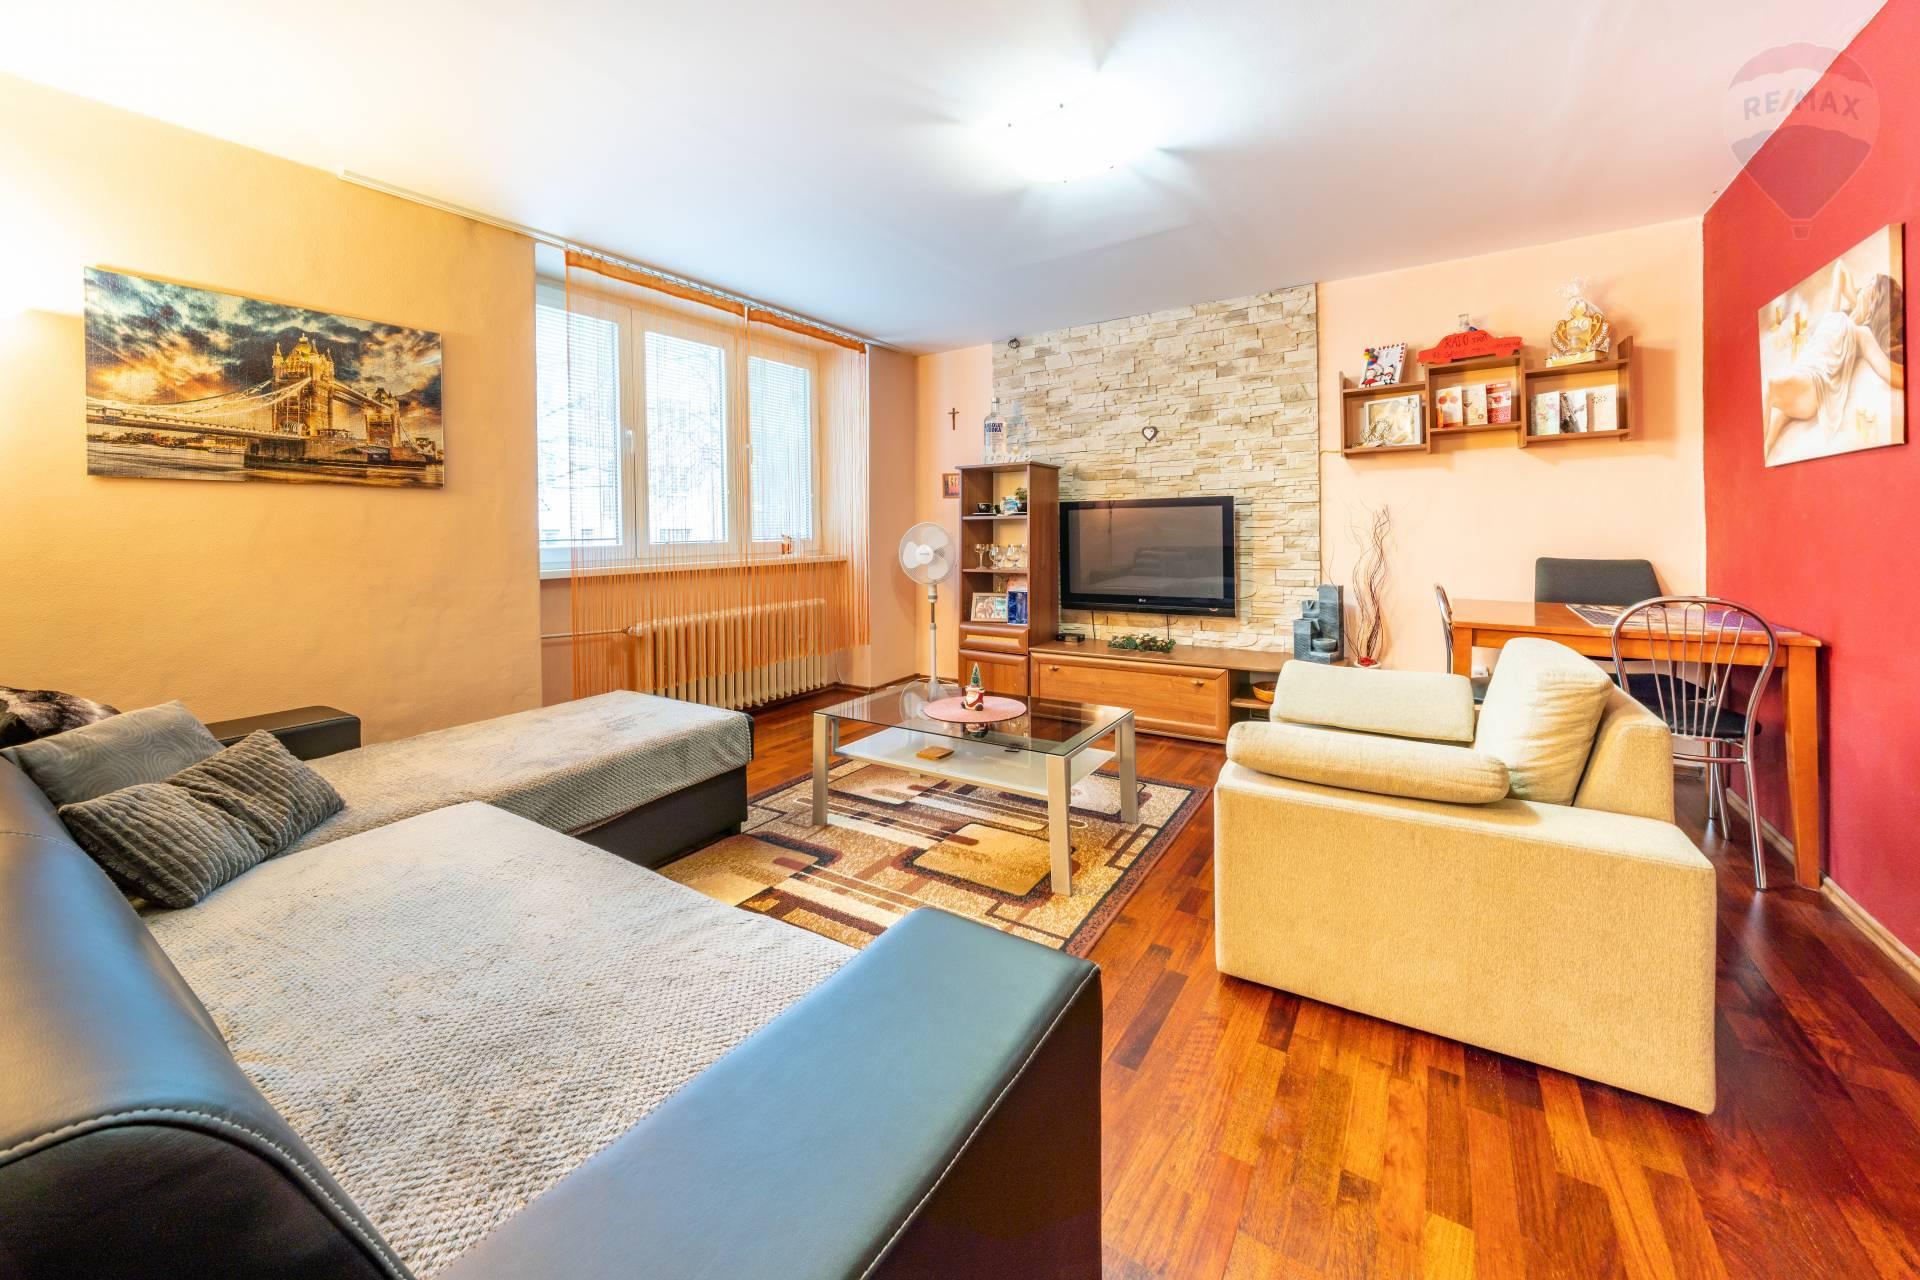 2 izbový byt na prenájom, Námestie 1. mája, Prešov